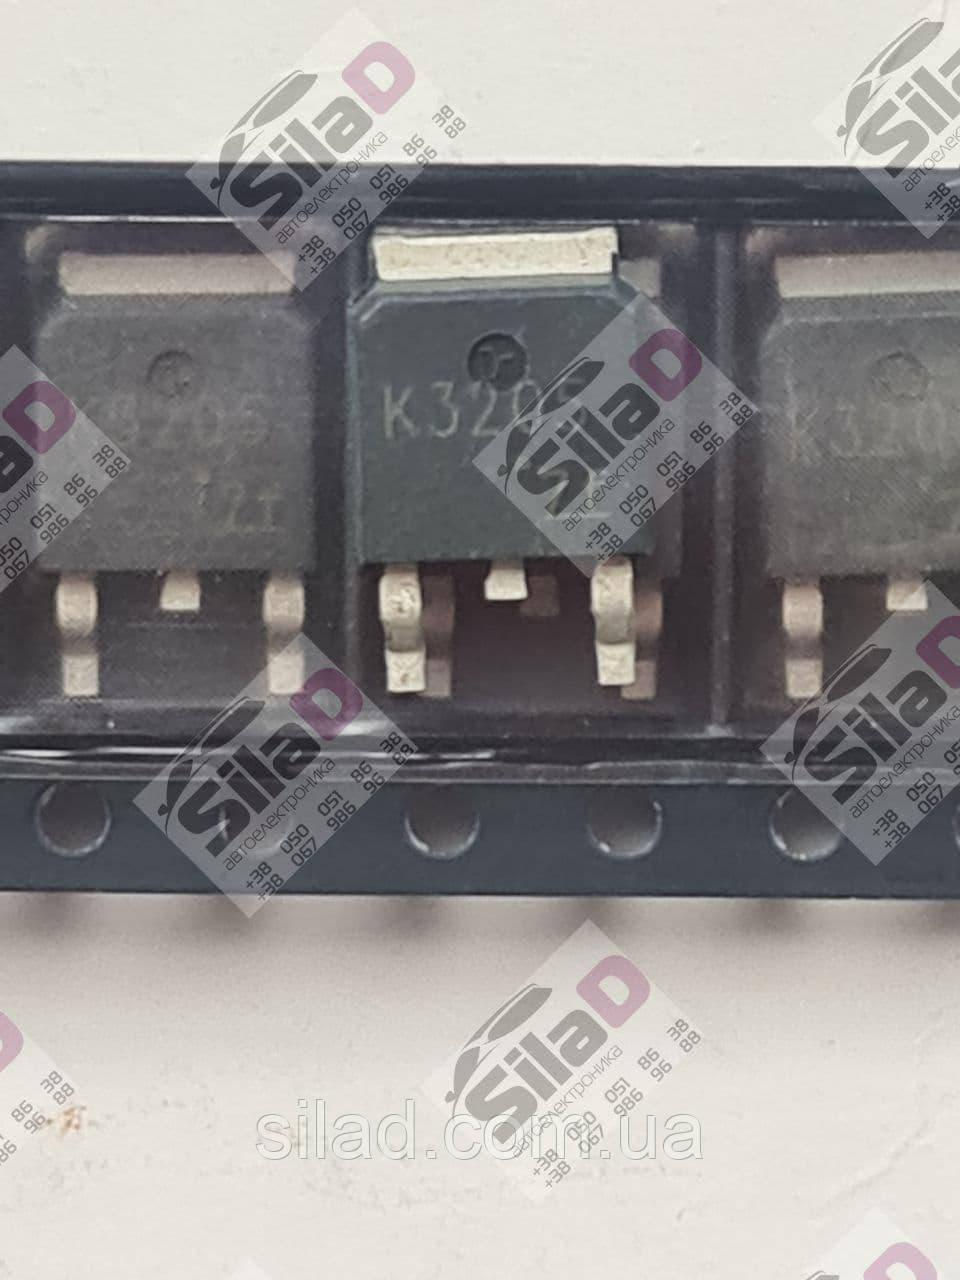 Транзистор 2SK3205 K3205 Toshiba корпус TO-252